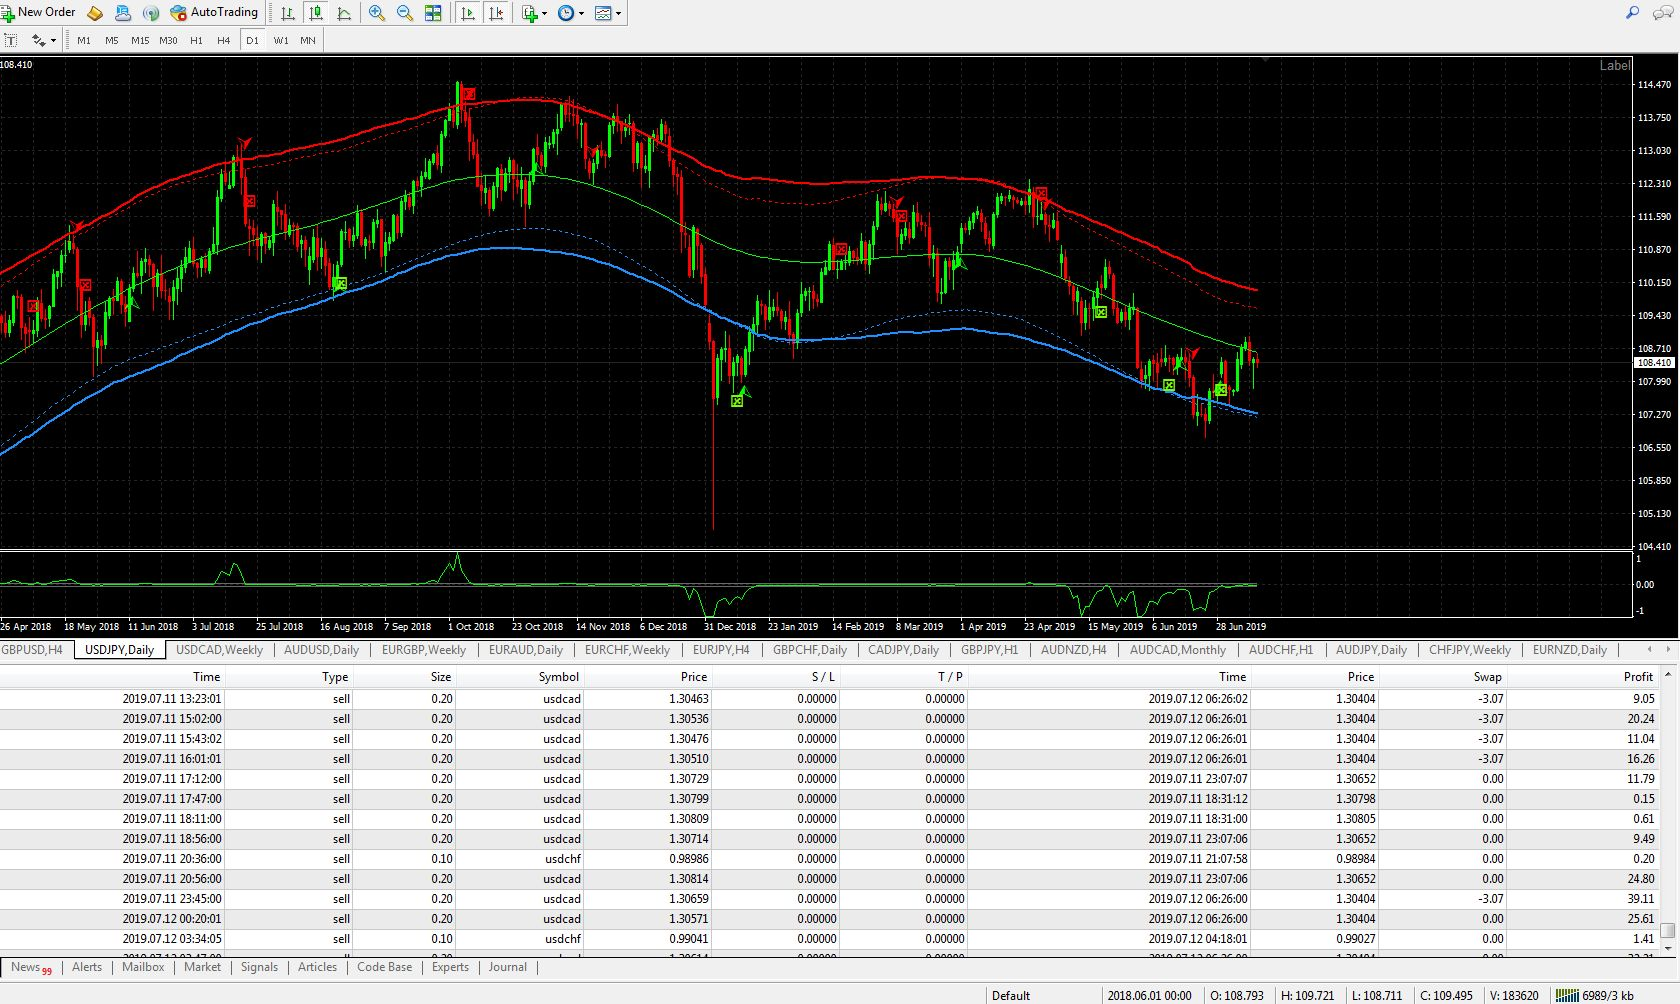 Stock Trading Forex Signals No Repaint Mt4 Indicators